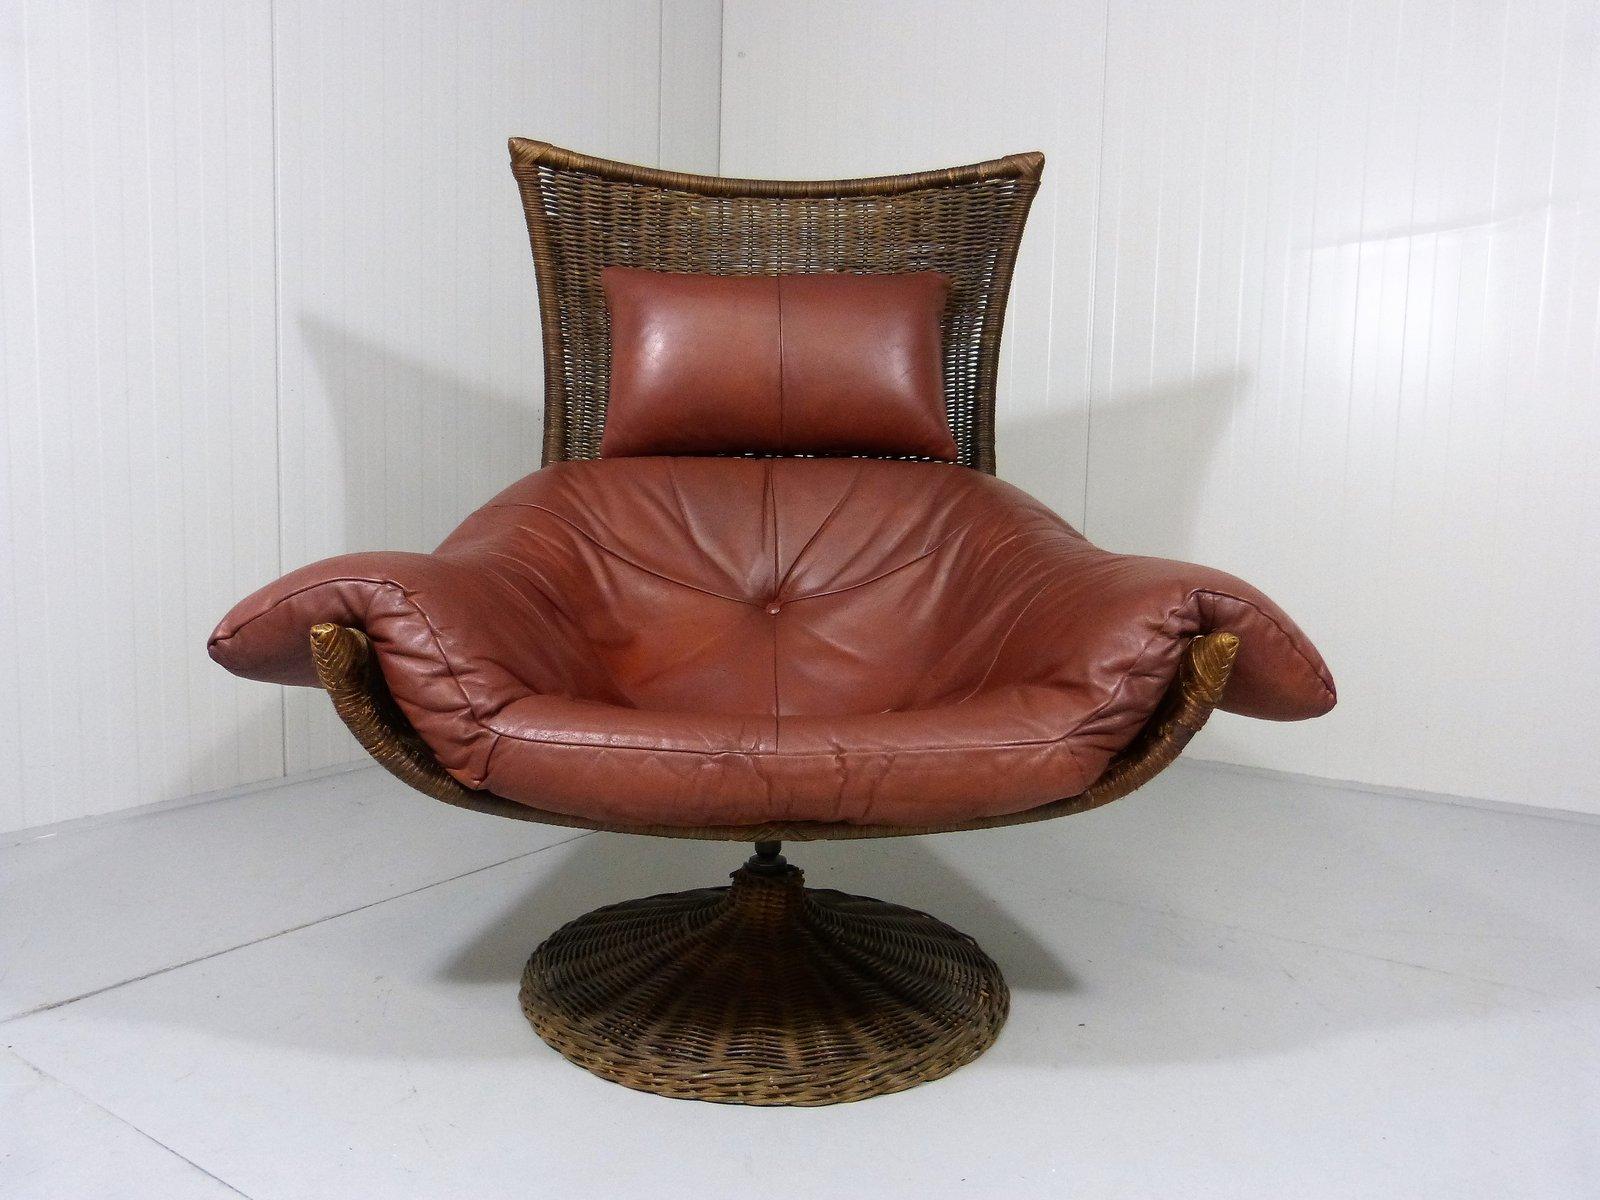 Fauteuil Pivotant Par Gerard Van Den Berg Pour Montis En Vente Sur - Formation decorateur interieur avec fauteuils pivotants design